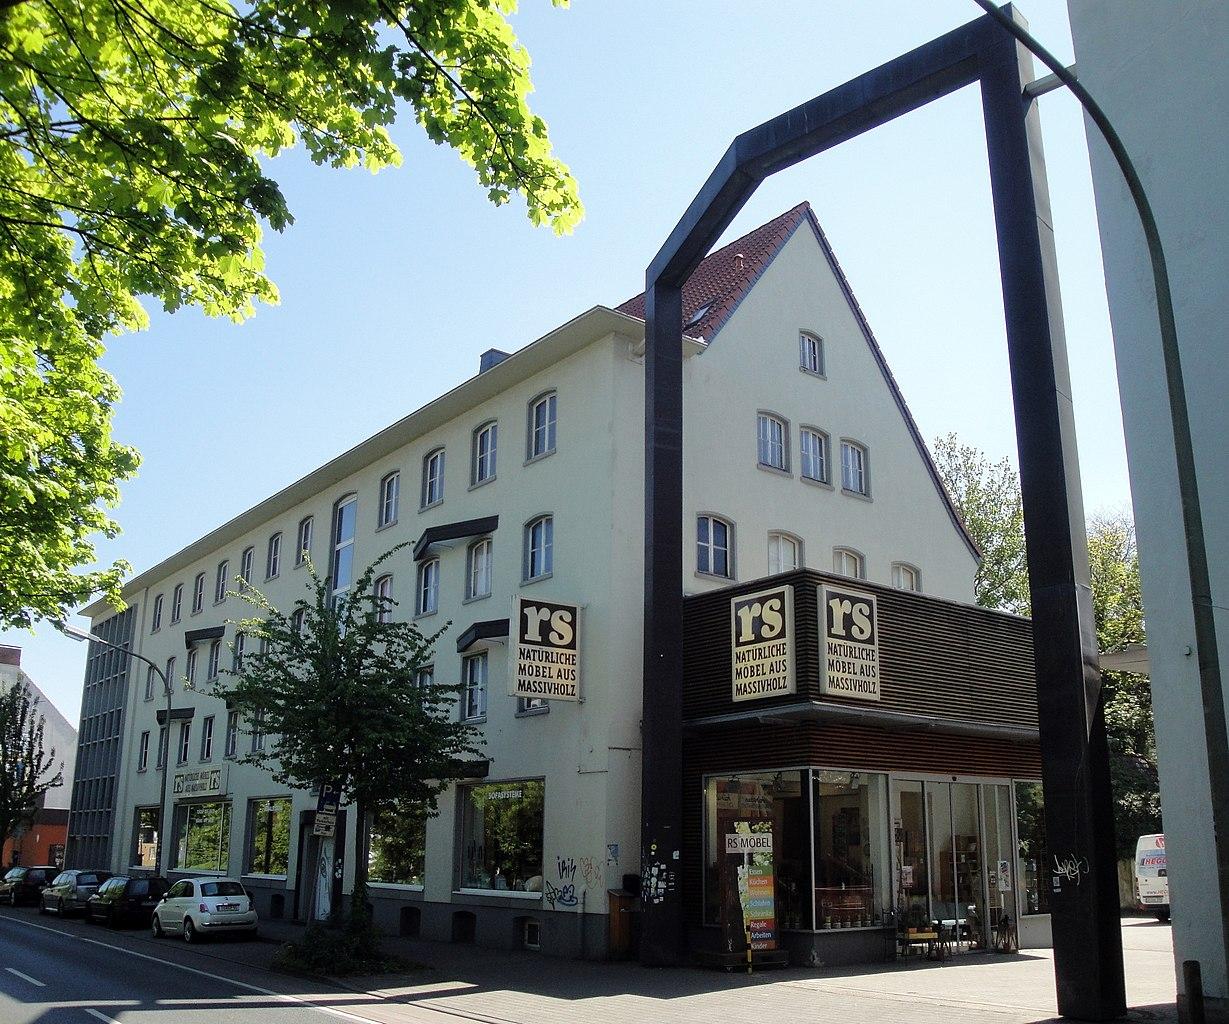 Möbel Osnabrück file osnabrück rs möbel jpg wikimedia commons